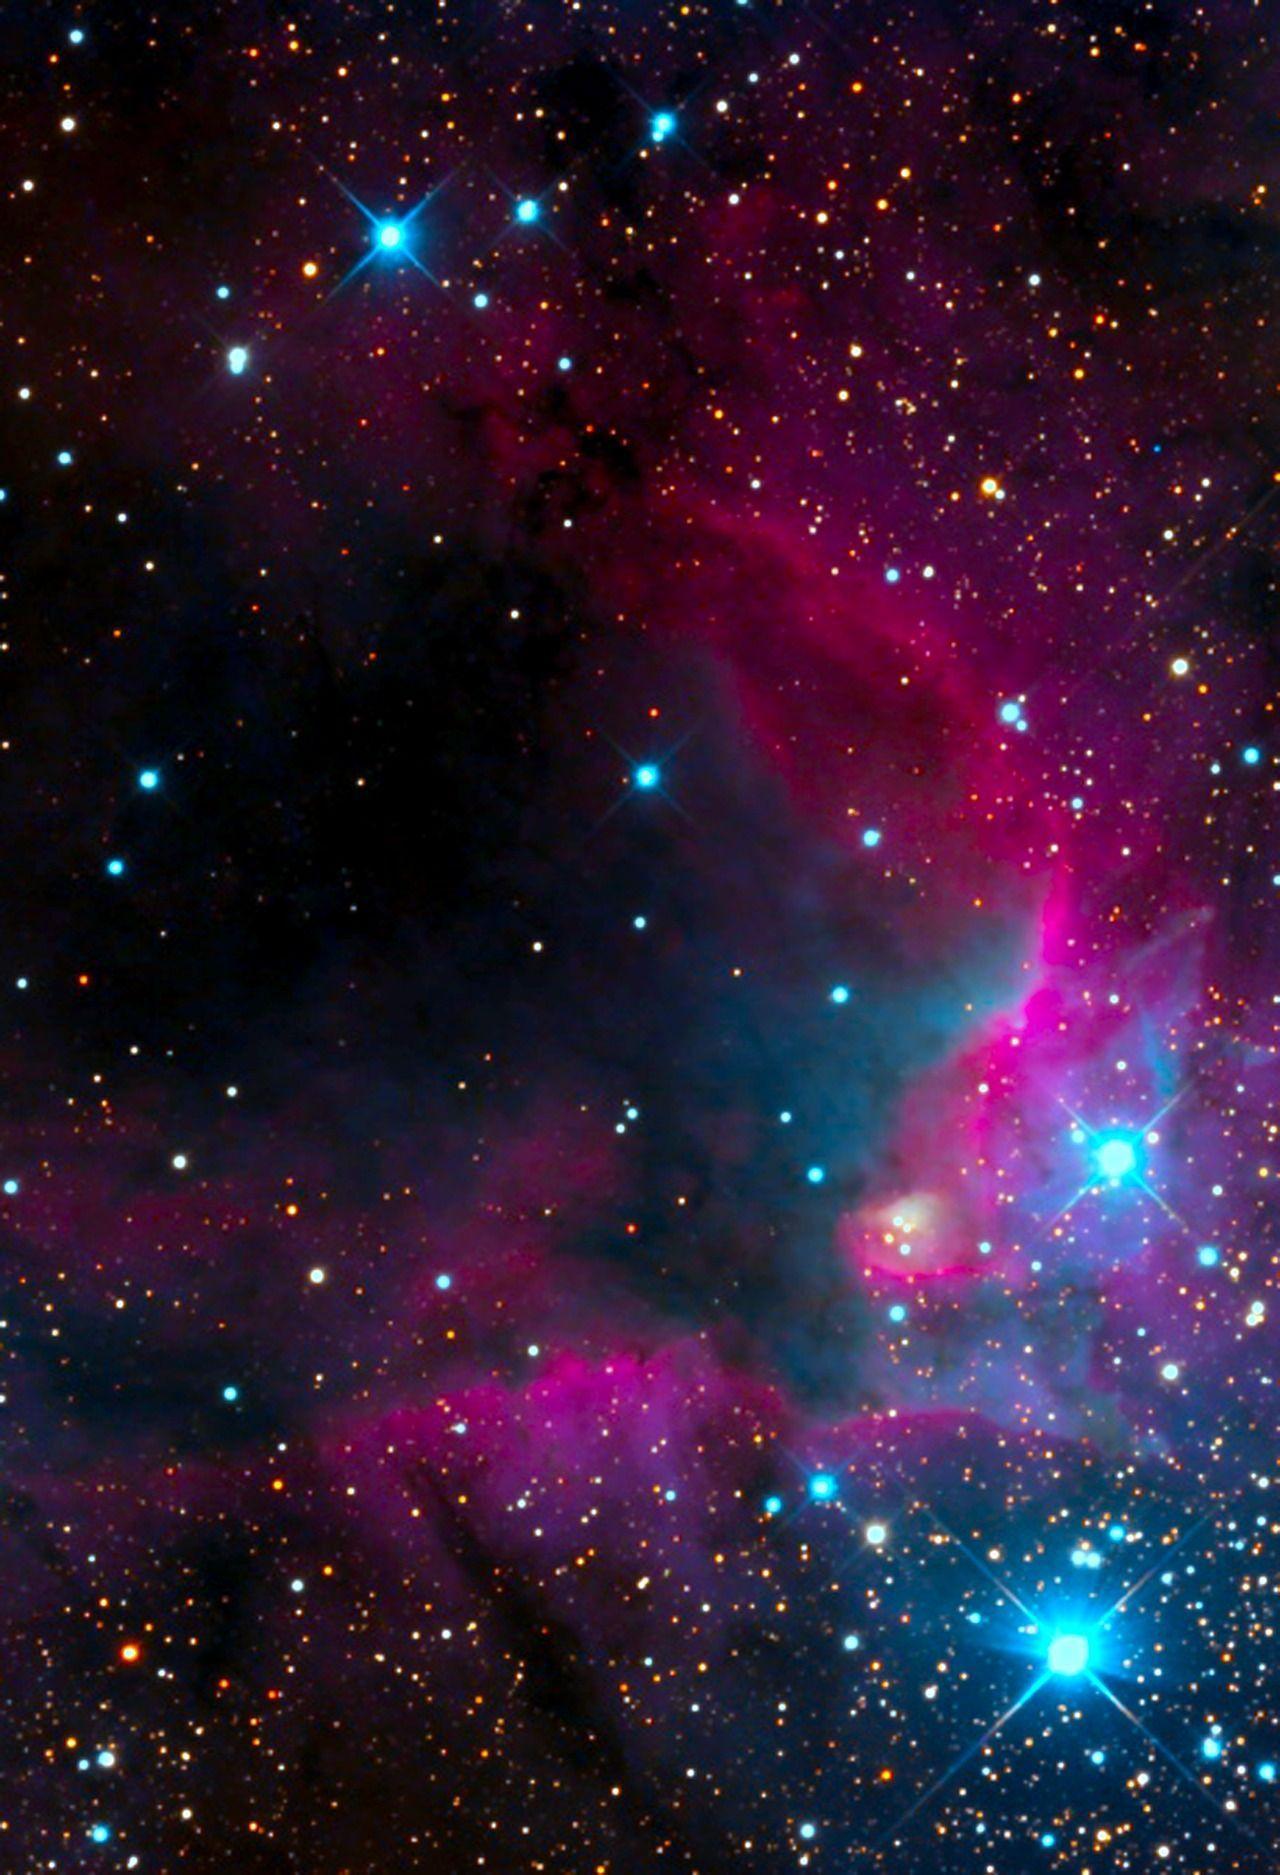 1280x1875 Vero Mota Trên Galaxias.  Hang động, Kính viễn vọng Và Hình nền